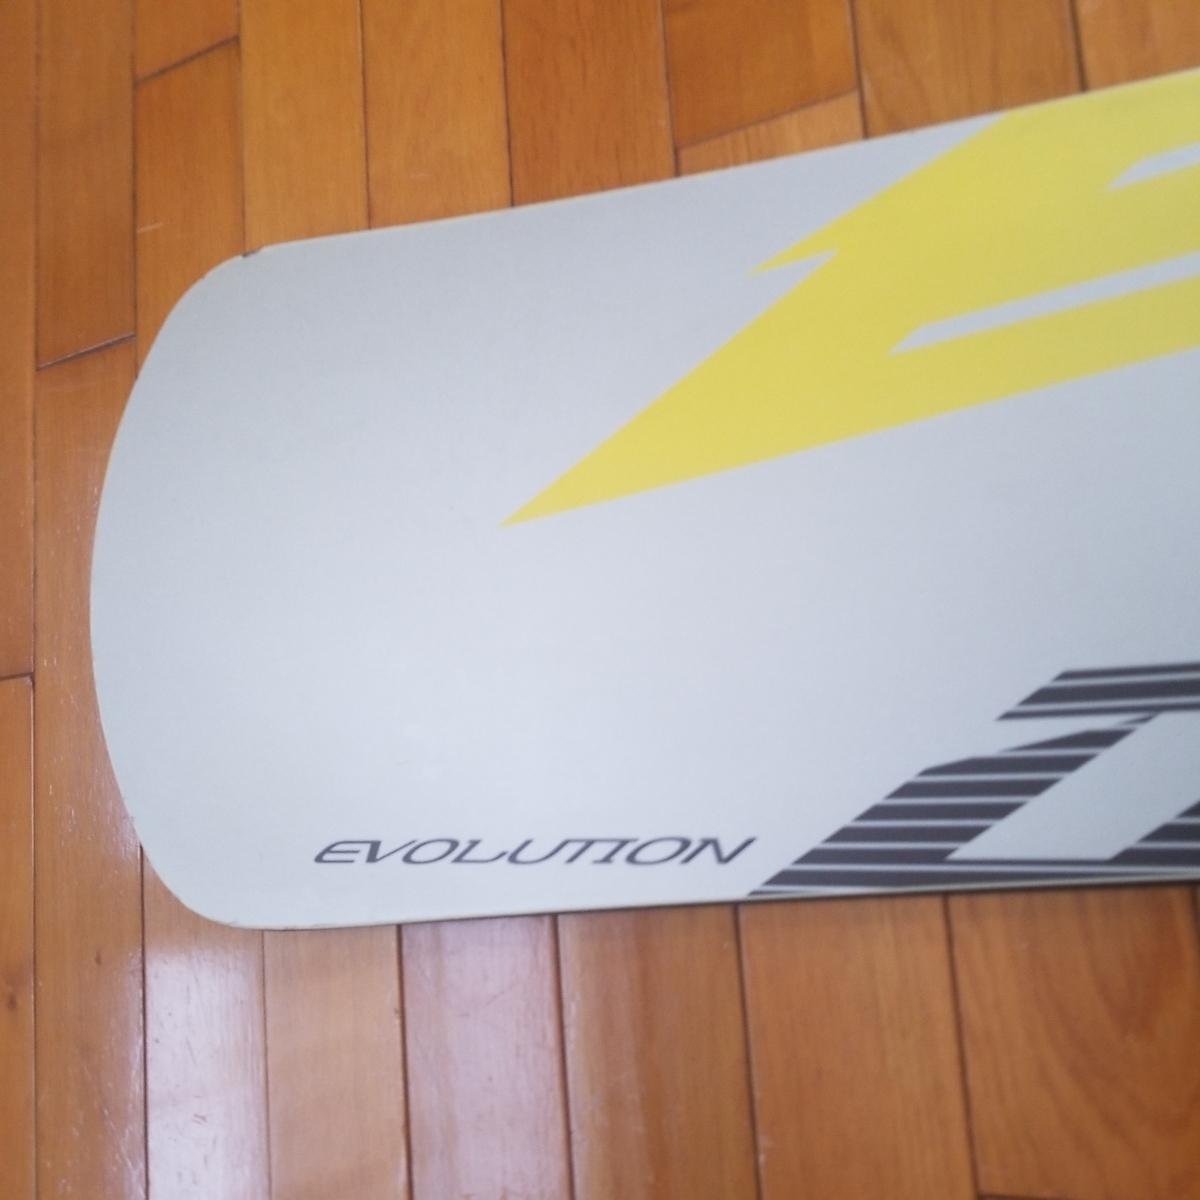 ★即乗れます-春シーズン-Ogasaka-Evolution-SL-159ソールガード付き滑走面ホットワックスブラッシング-エッジチューンアップsgmossyonexf2_画像3